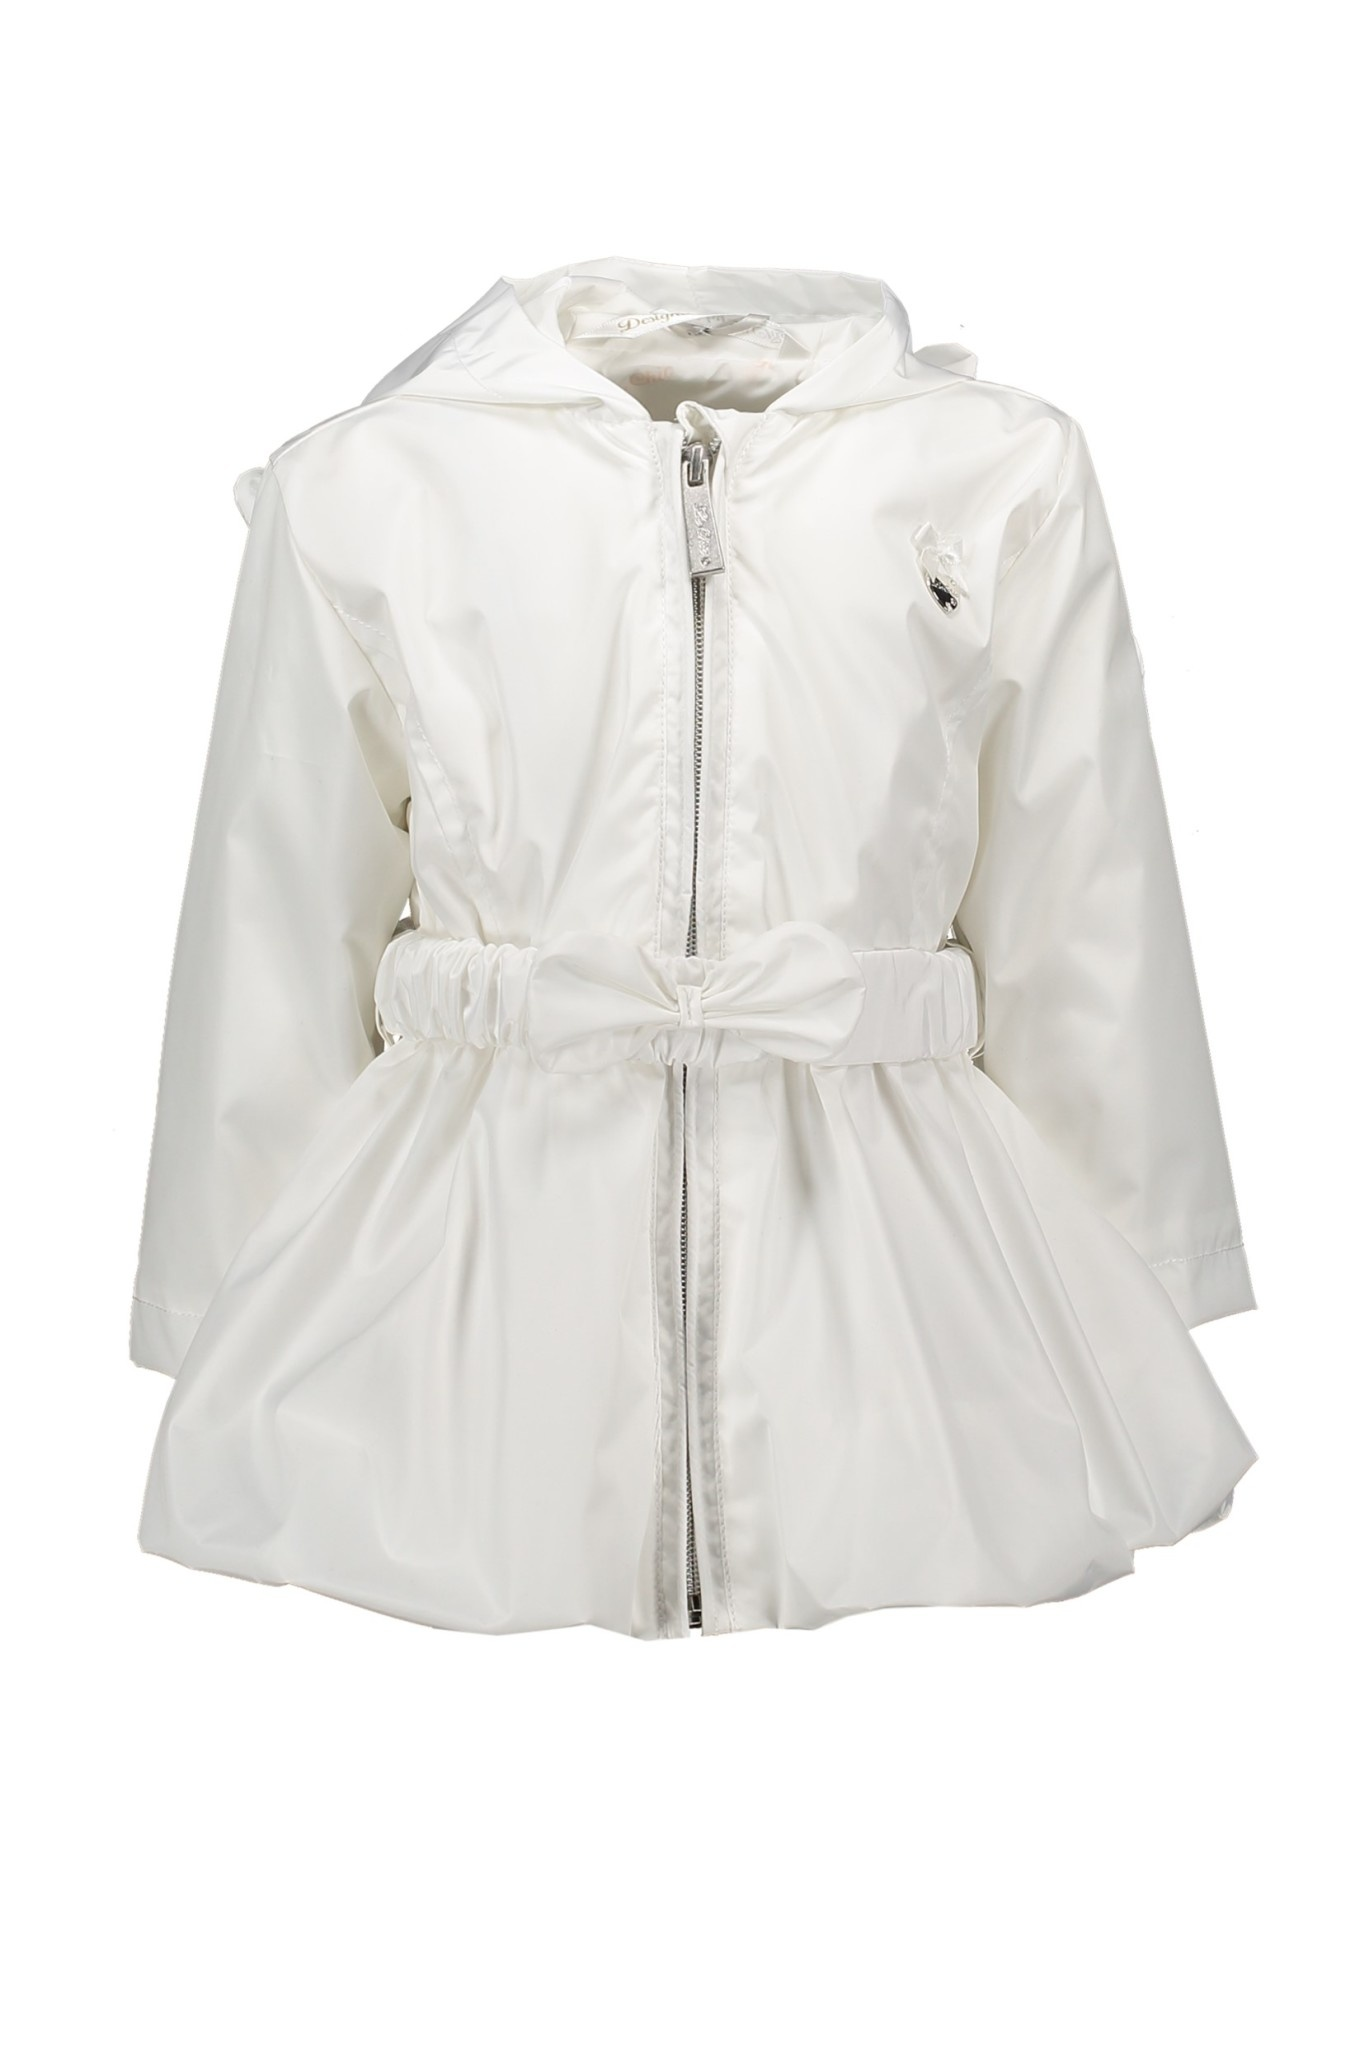 Lechic Le Chic White Bow Belt Coat 7209